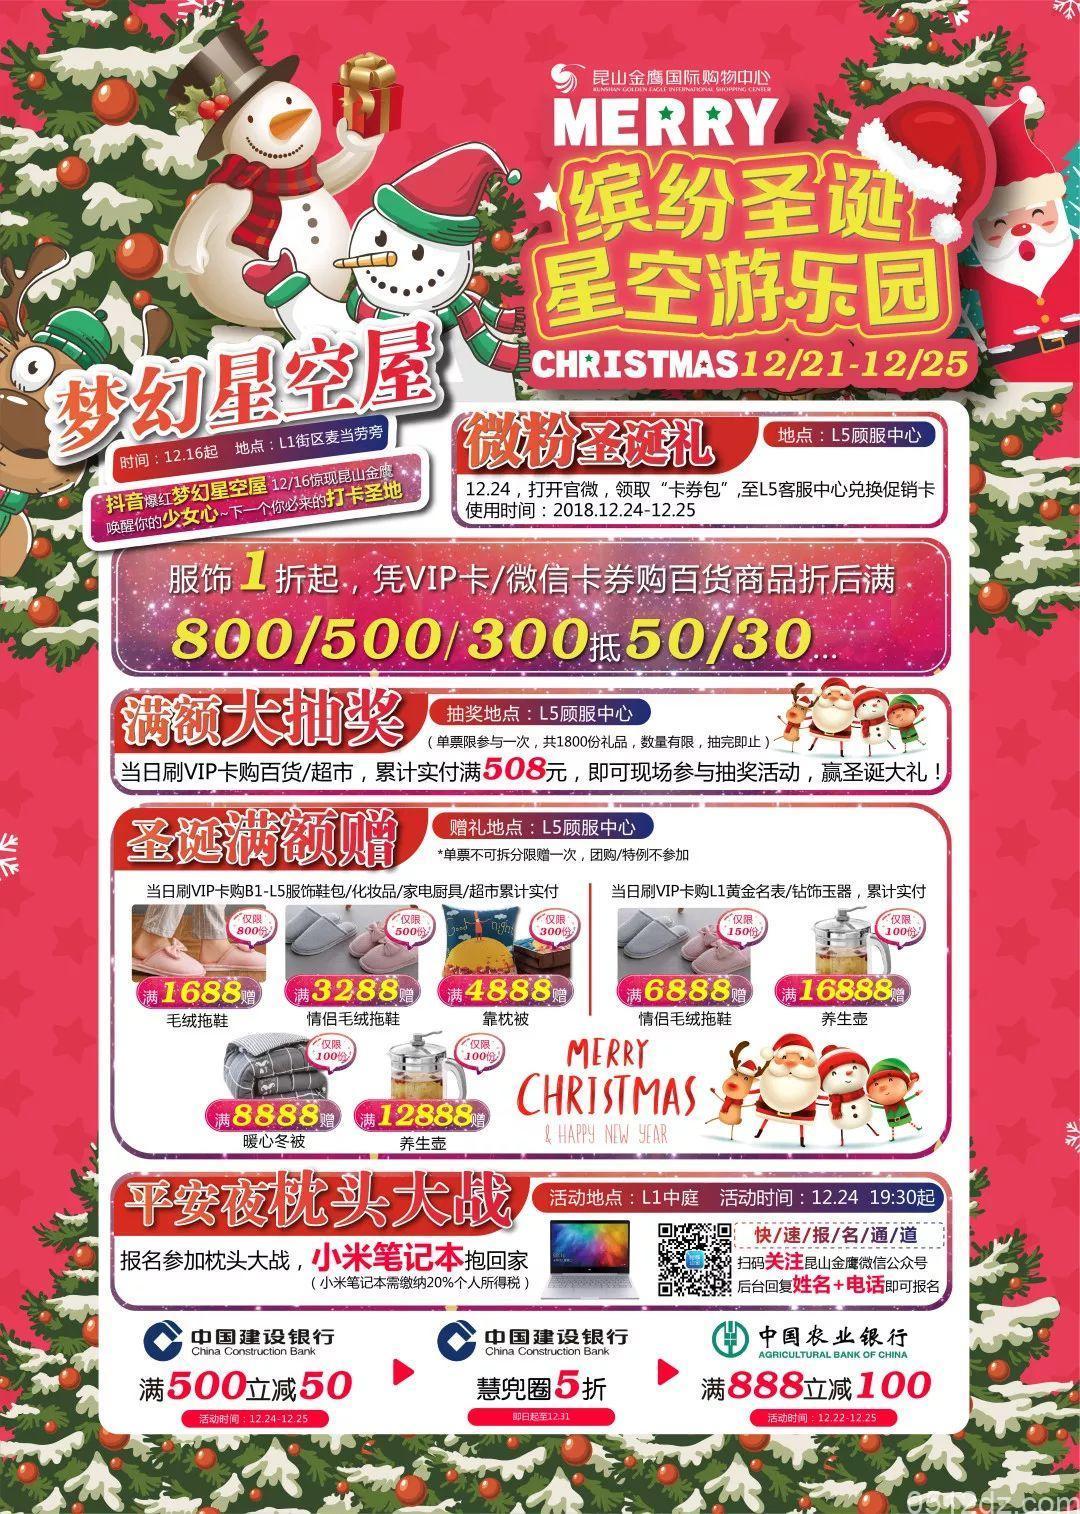 昆山金鹰2018圣诞节活动